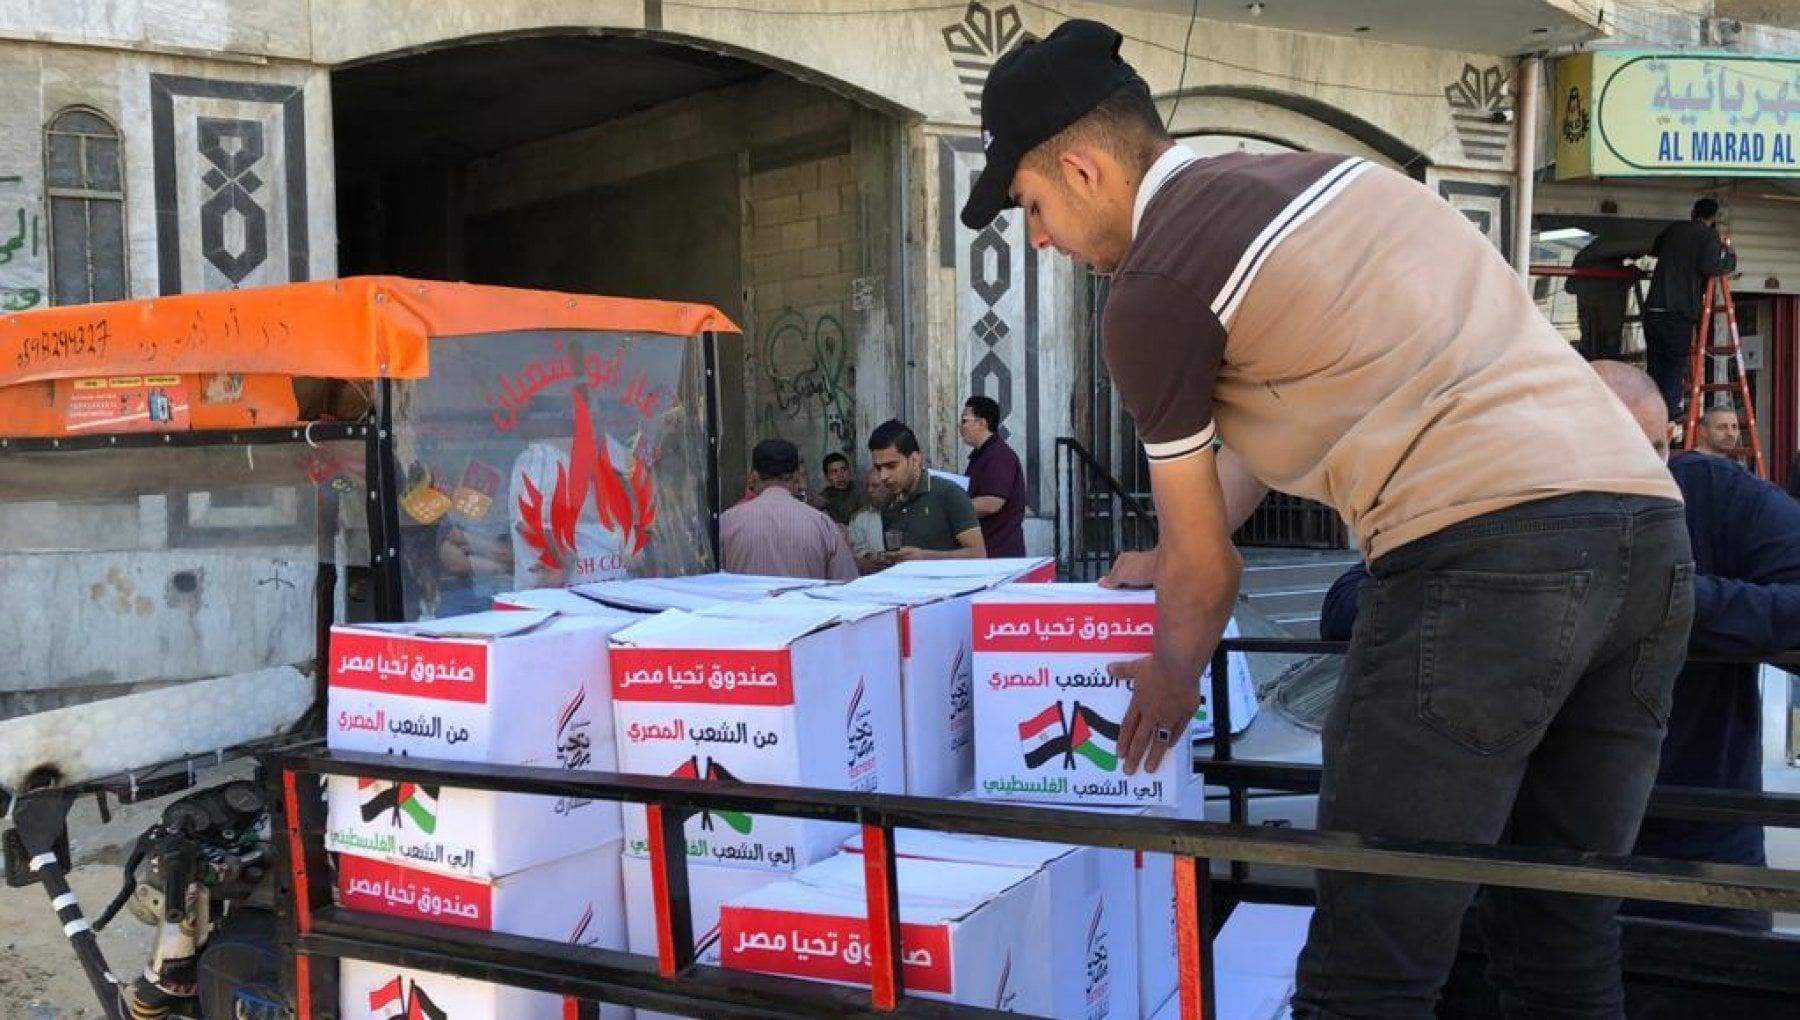 """215530612 66f48753 48b4 4bcf a769 873c630ee3b1 - I camion di Al Sisi entrano nella Striscia: """"Vogliono comprarci"""""""